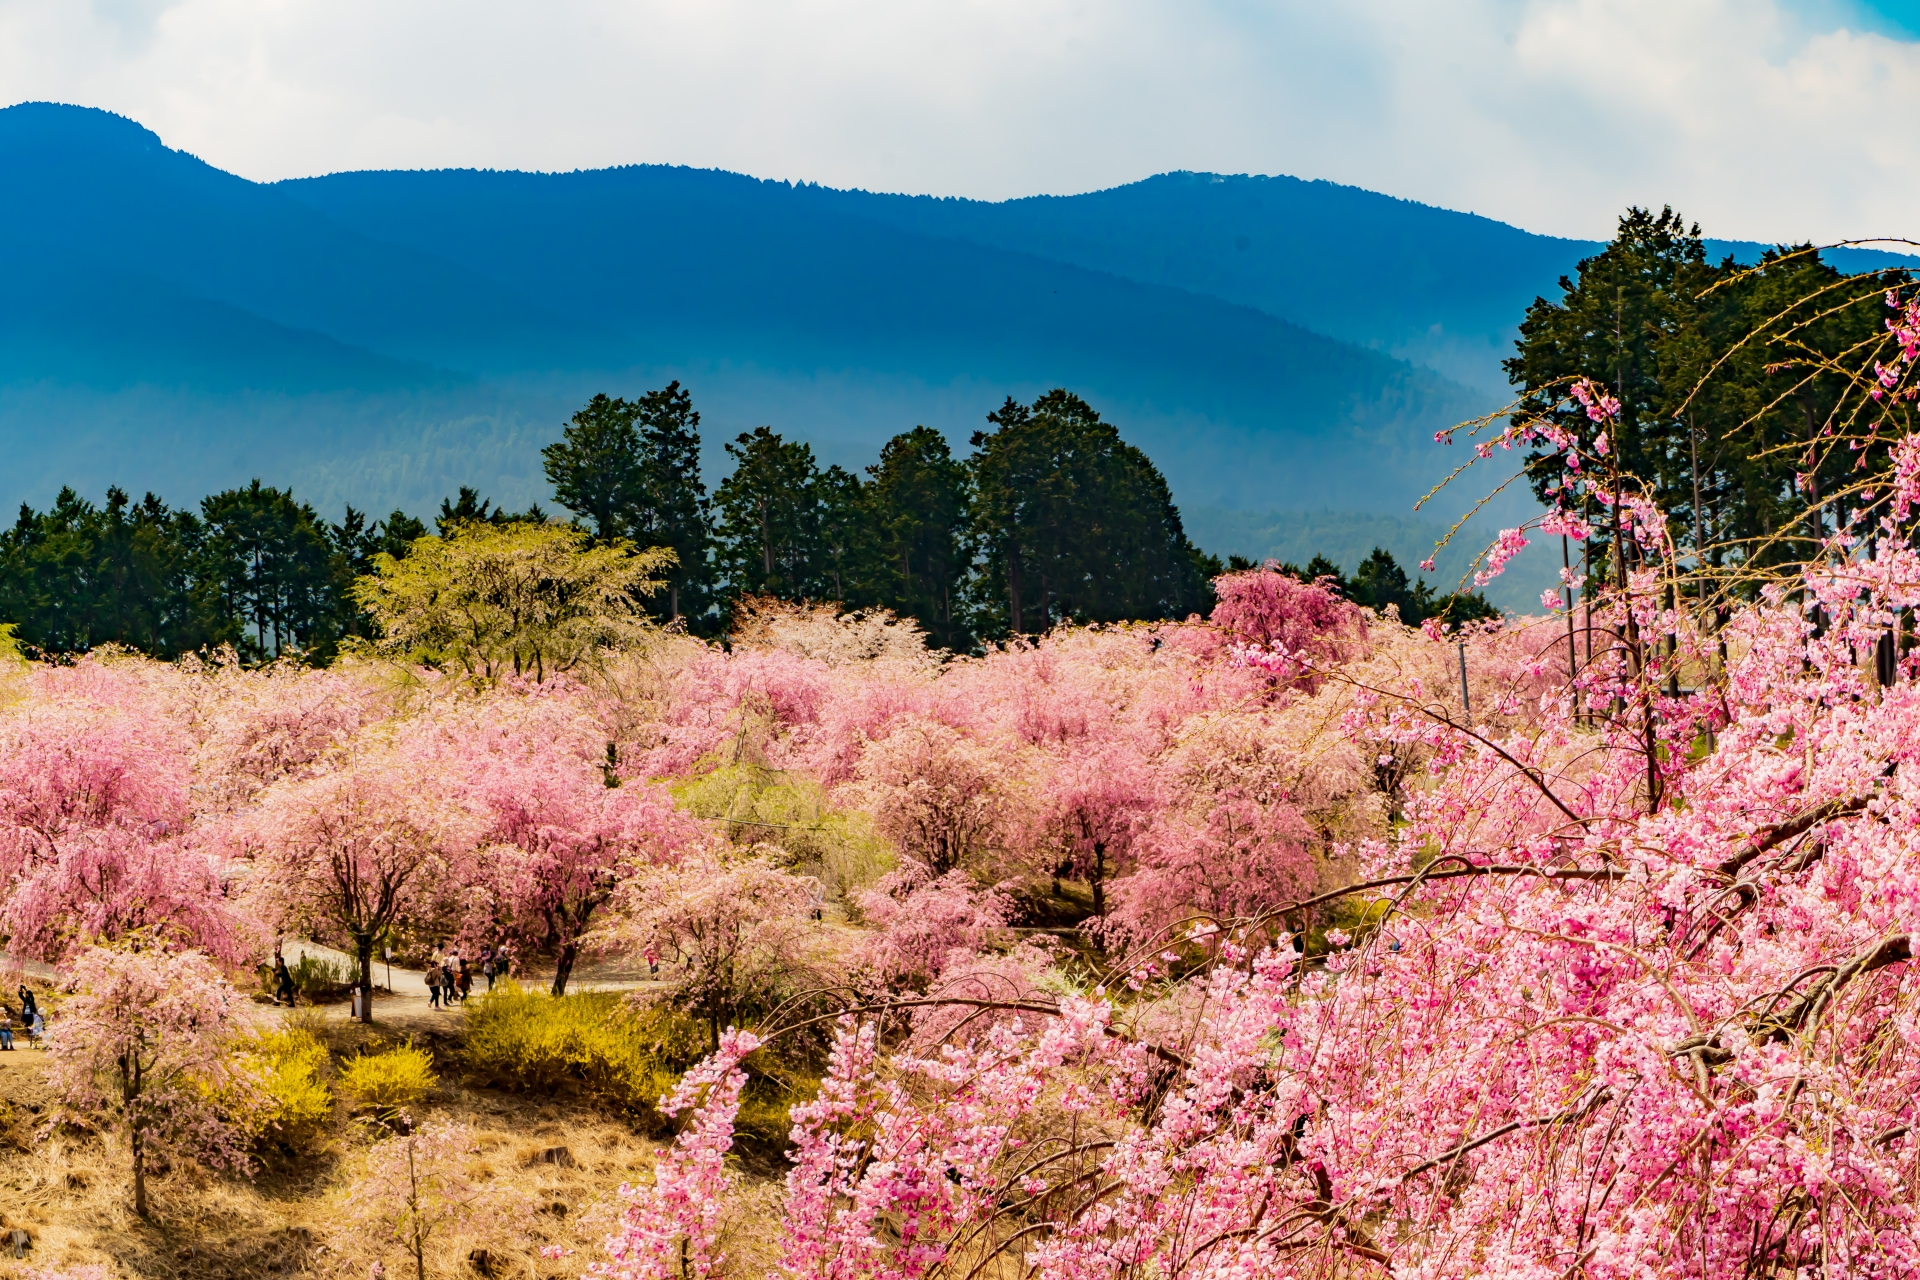 2459748_m 奈良県  高見の郷(1000本のしだれ桜が咲き誇る春におすすめの桜スポット! 写真の紹介、アクセス情報や駐車場情報など)